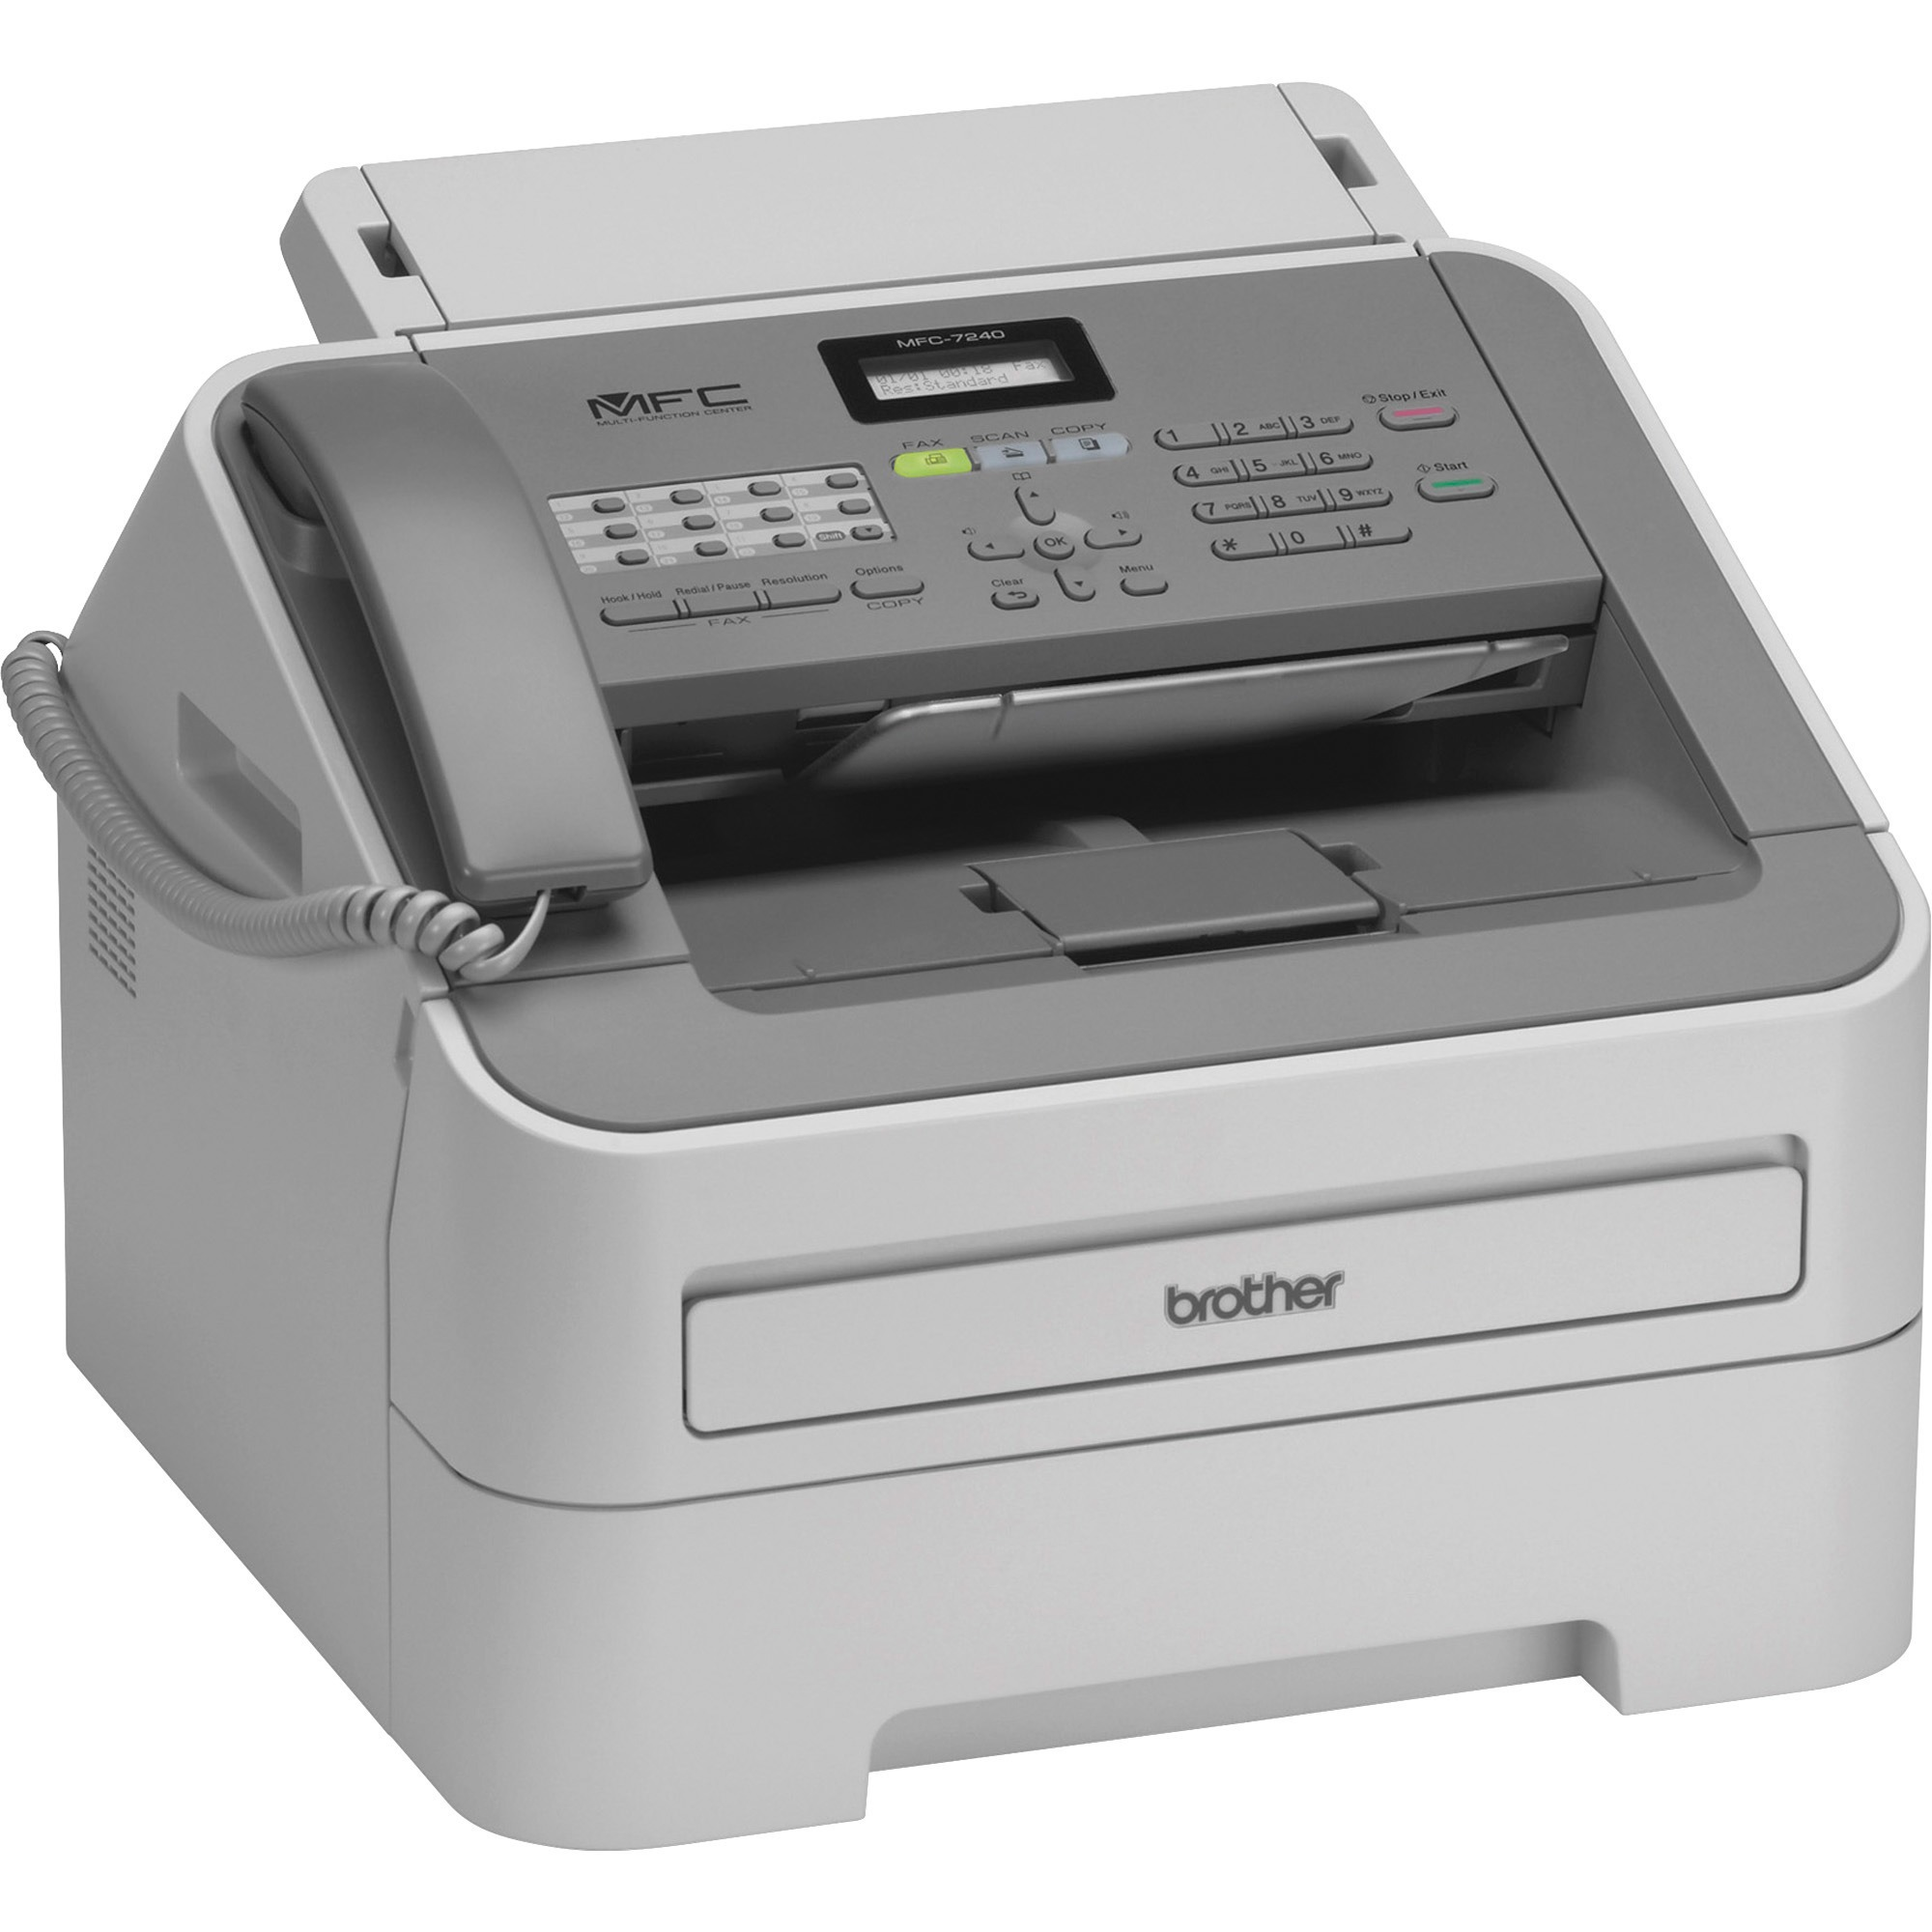 Brother HL-2280DW Printer/Scanner Driver Download